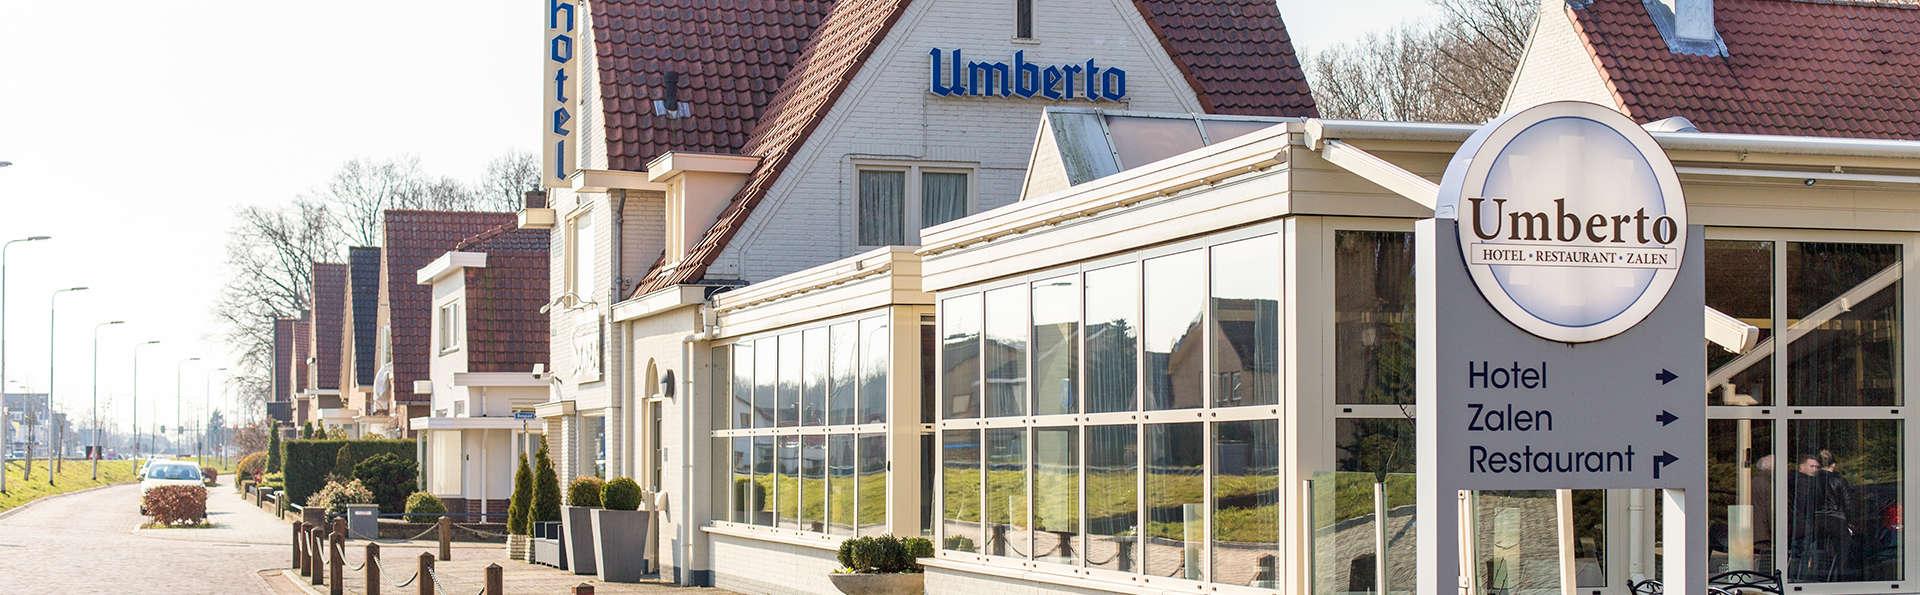 Hotel Umberto – Nijmegen - EDIT_front.jpg